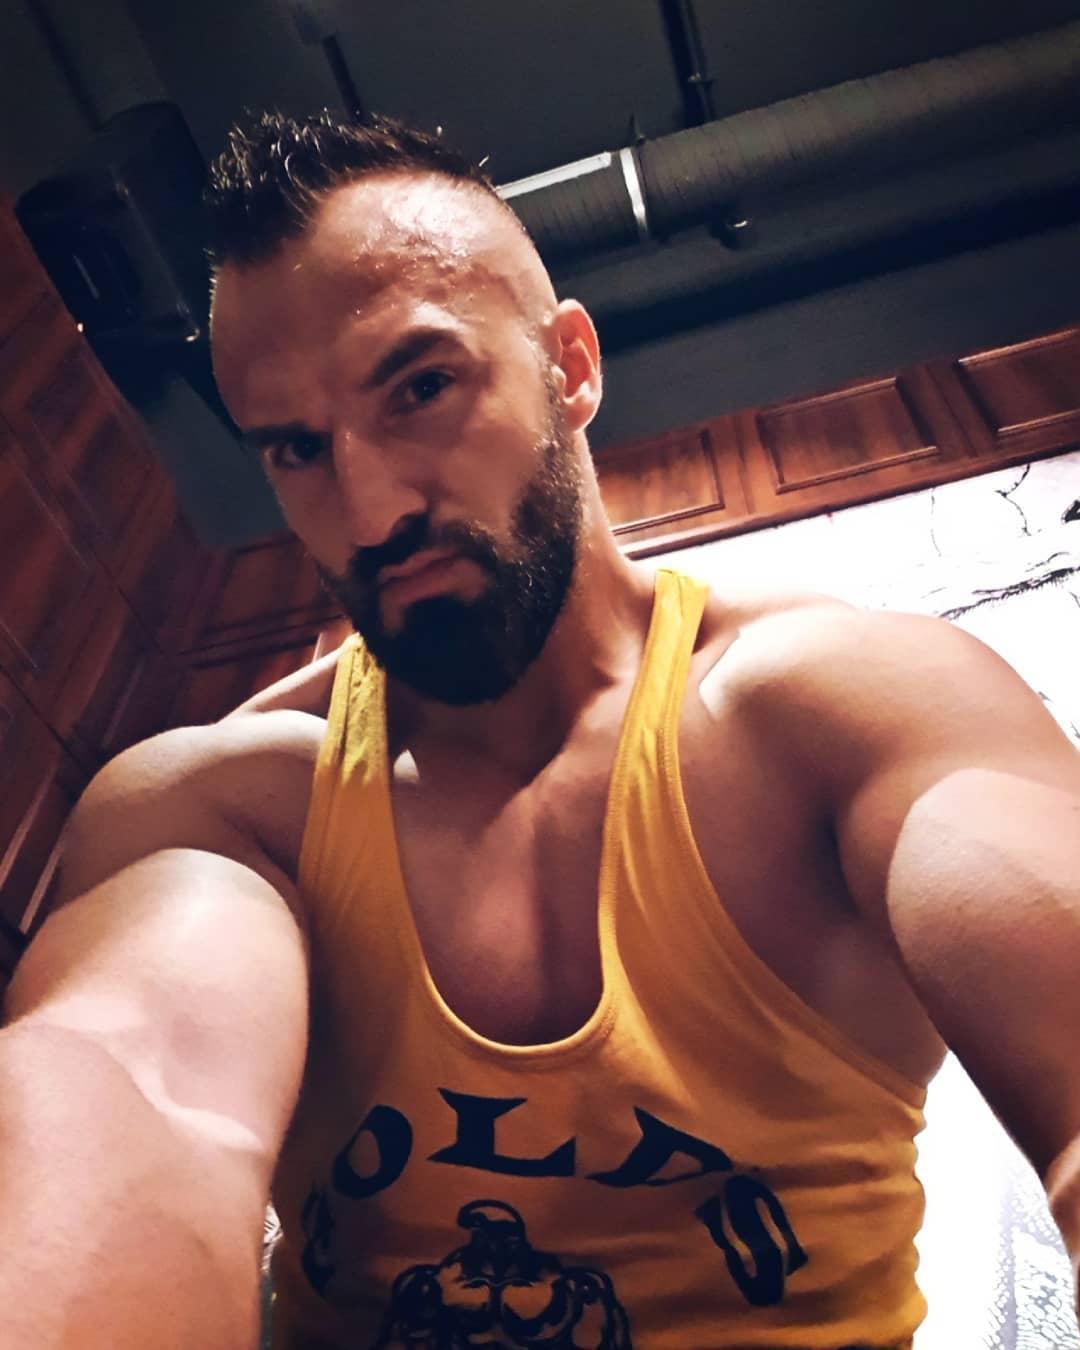 Der Boss ist wird langsam zu breit fürs Foto… ich überlege schon, das Hubble Weltraumteleskop zukünftig für Selfies zu nehmen. Was meint ihr? 🤔😎 . #motivation #training #potd #nopainnogain #strong #power #boss #mcfitberlin #mcfit #johnreed #berlin #berliner #beard #muscles #training #bodybuilding #instagood #instalike #followme #selfie #goldsgym #cro #fitness #mydirtyhobby